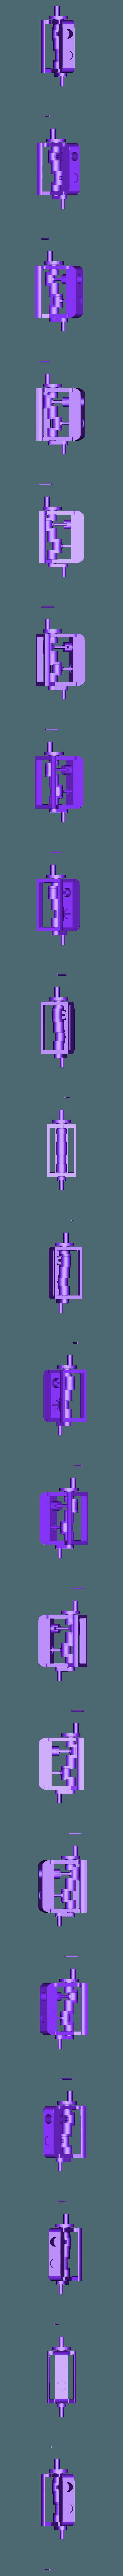 cigueñal prototipo venta  bueno.stl Télécharger fichier STL gratuit Moteur fonctionnel • Plan à imprimer en 3D, Franed